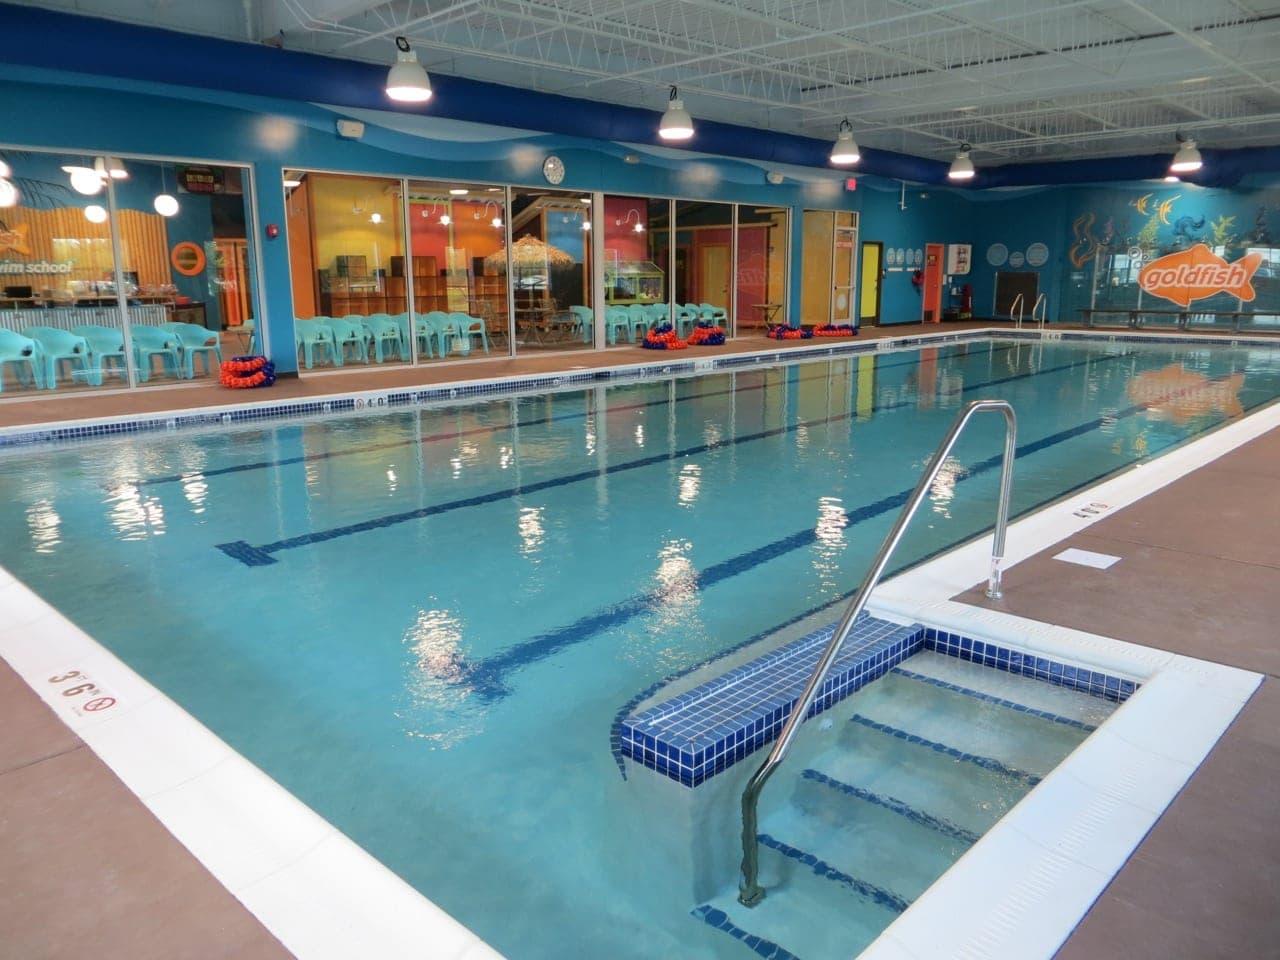 Goldfish Swim School, Burr Ridge